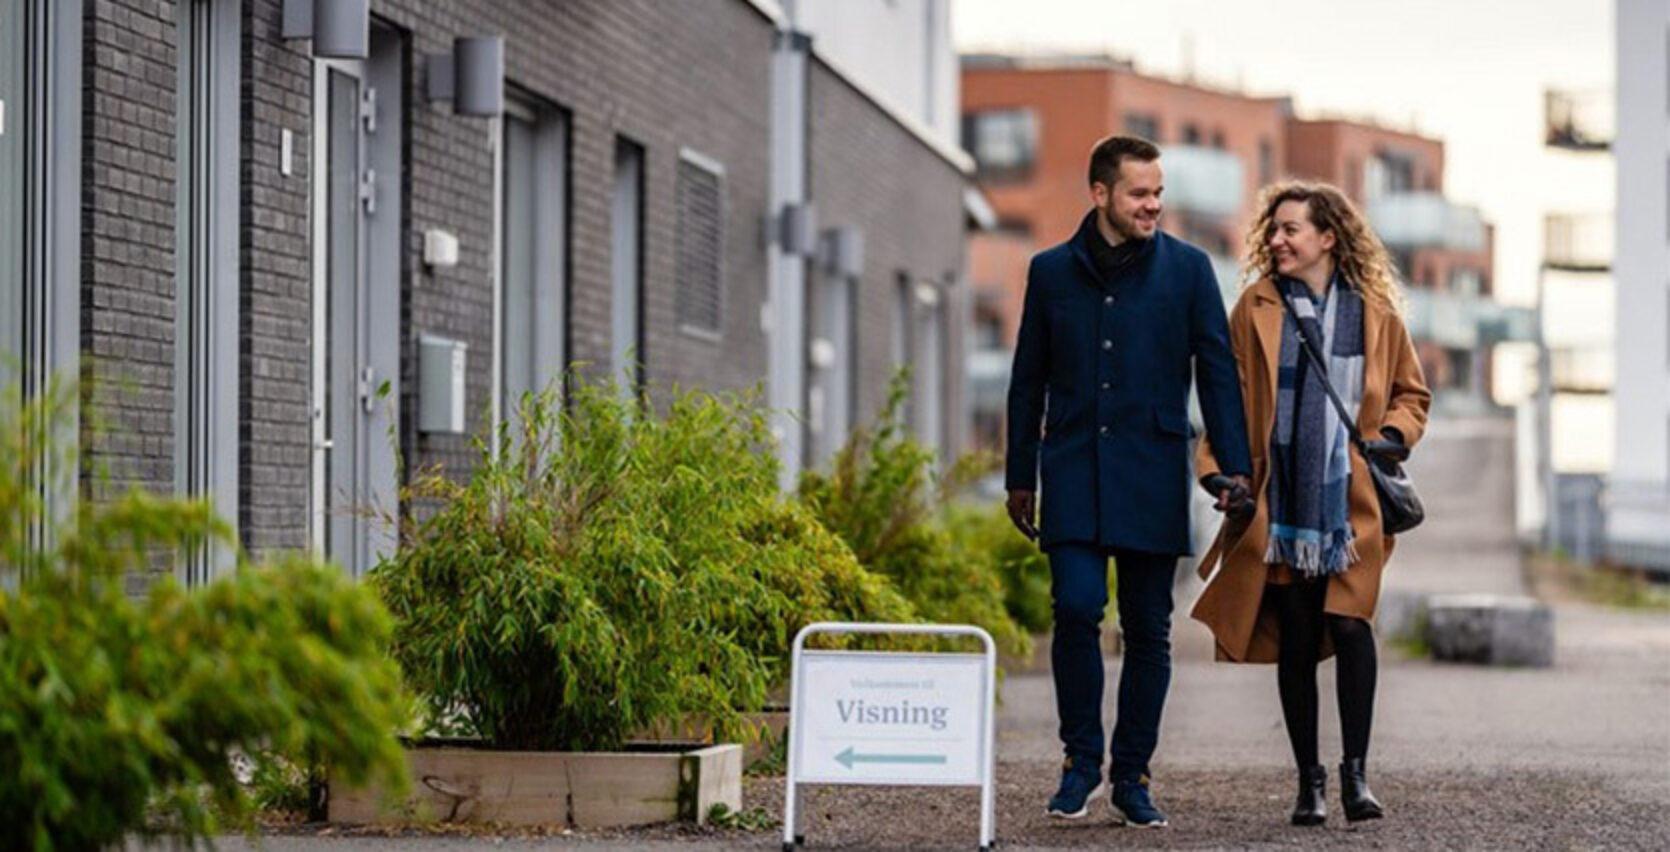 En mann og kvinne går langs en blokk og holder hender på høsten